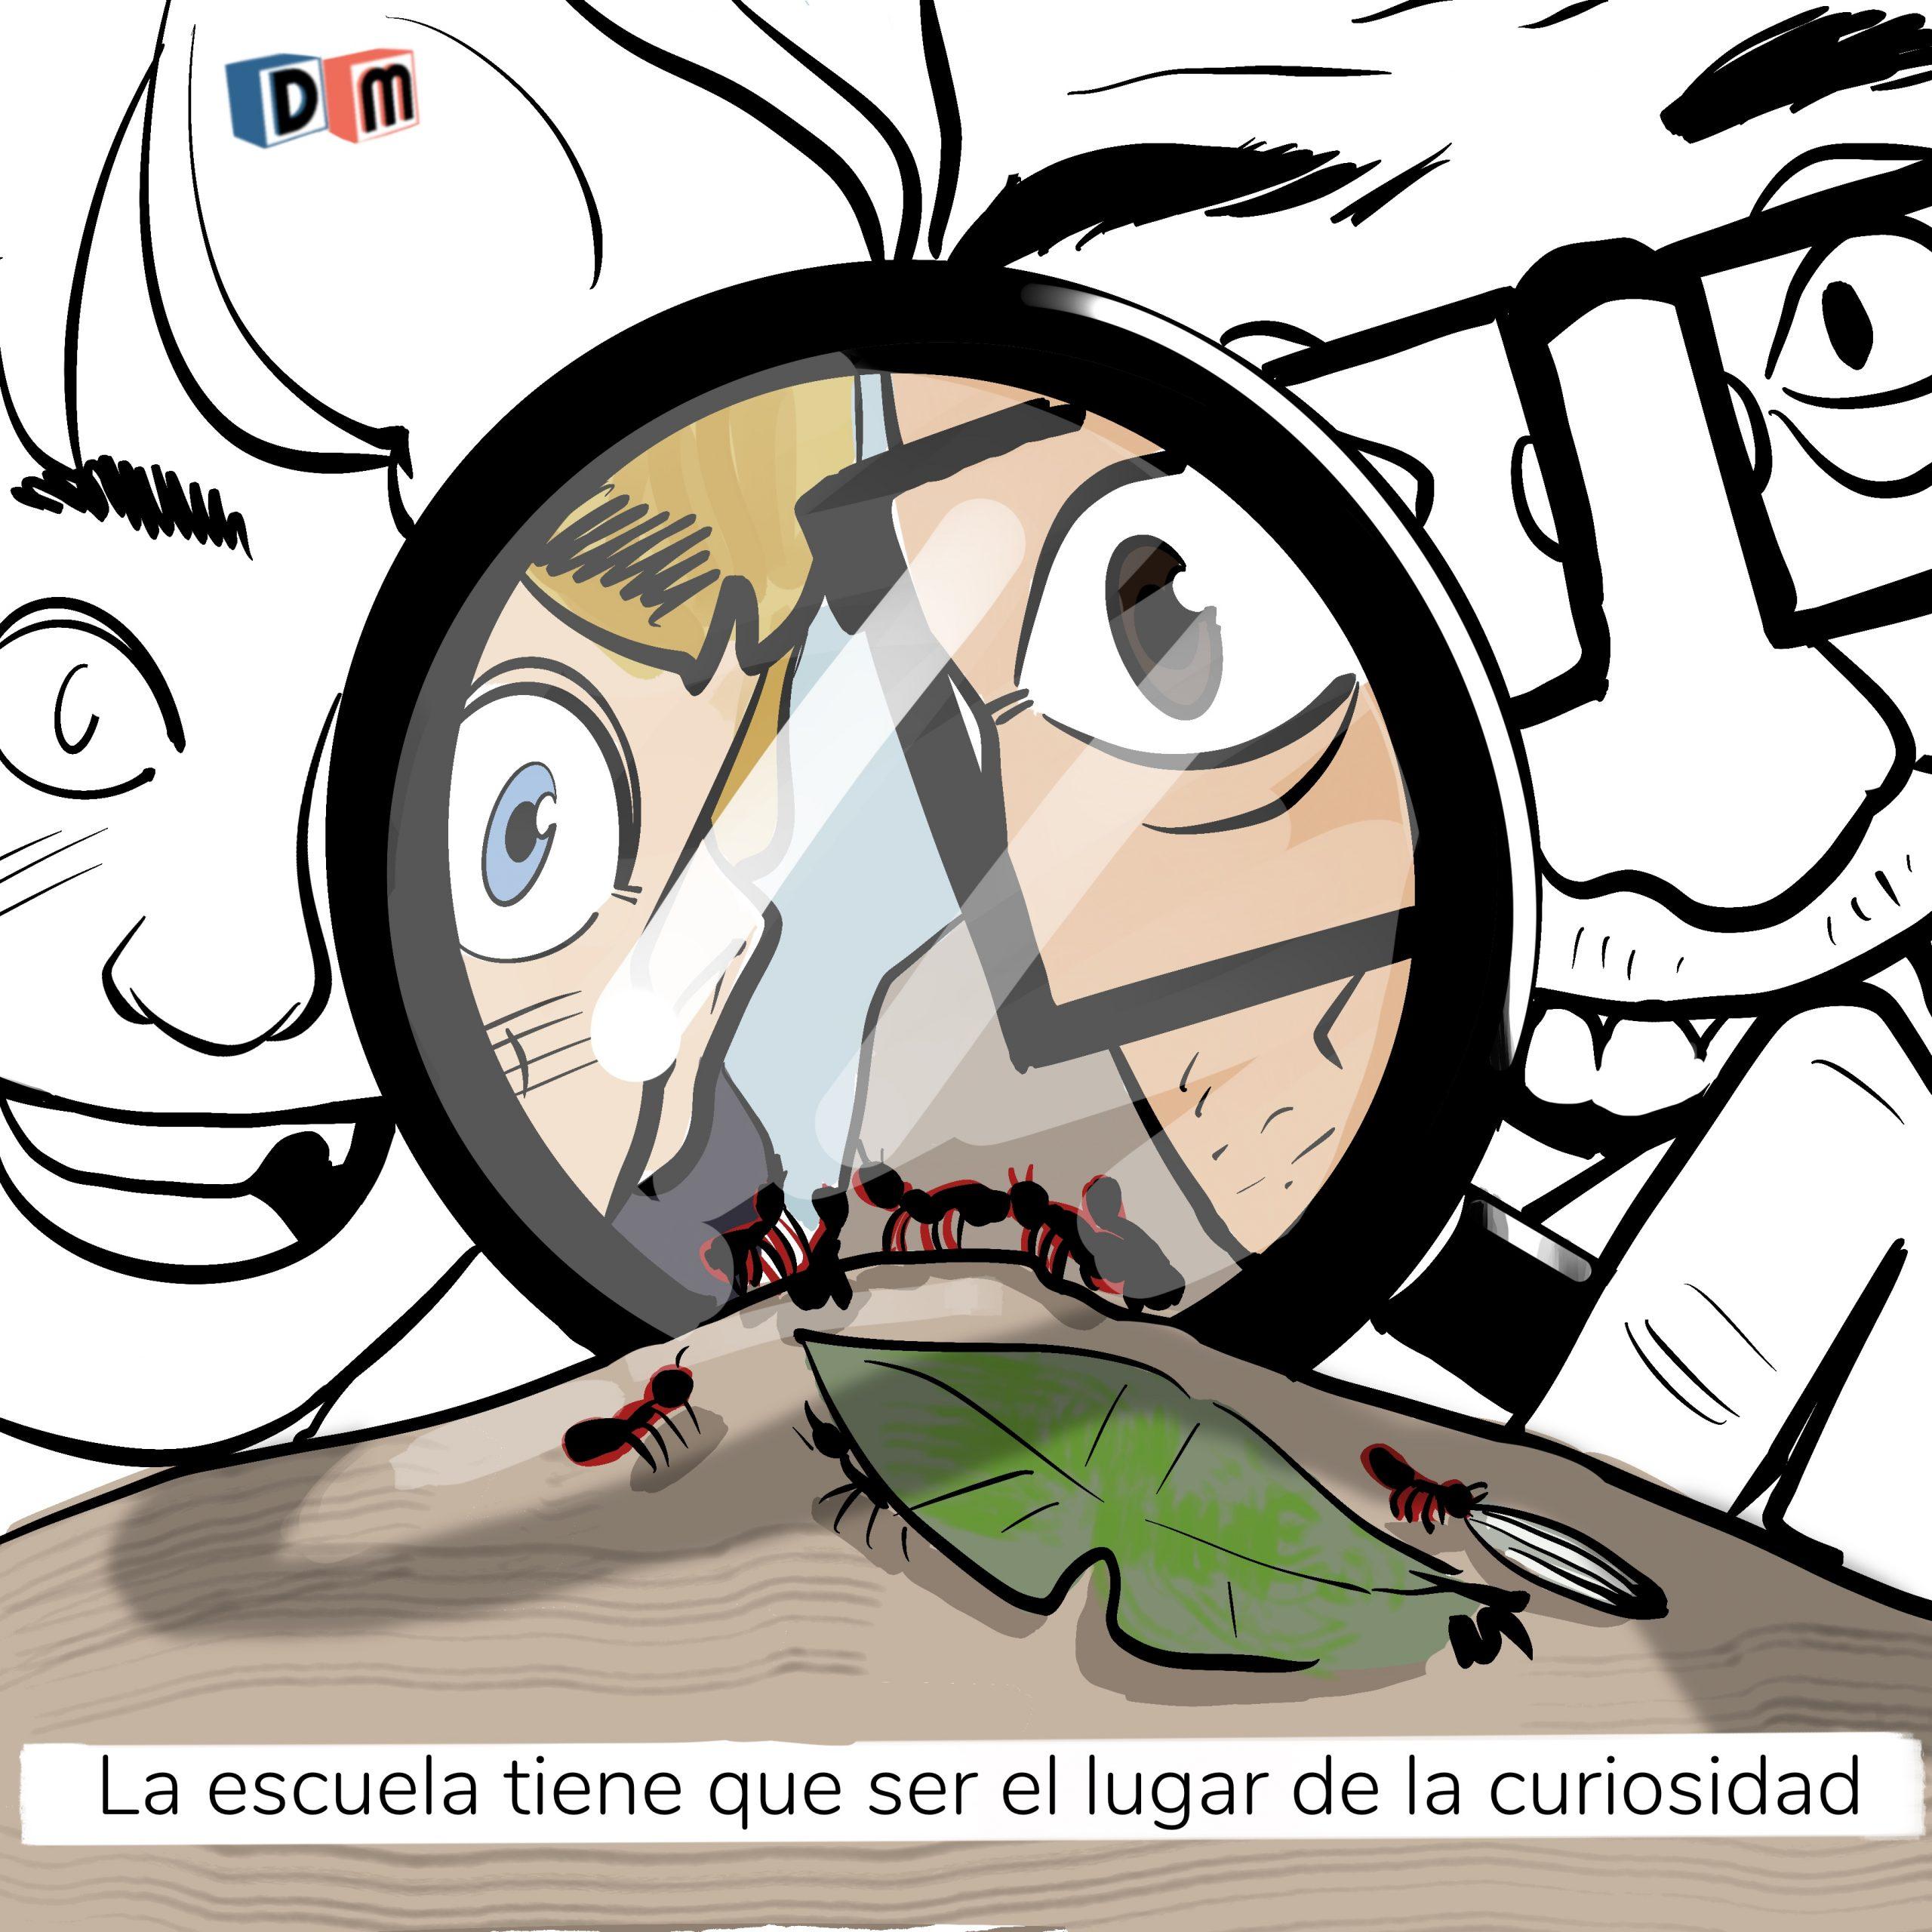 David Mora_Viñeta 27_La escuela tiene que ser el lugar de la curiosidad